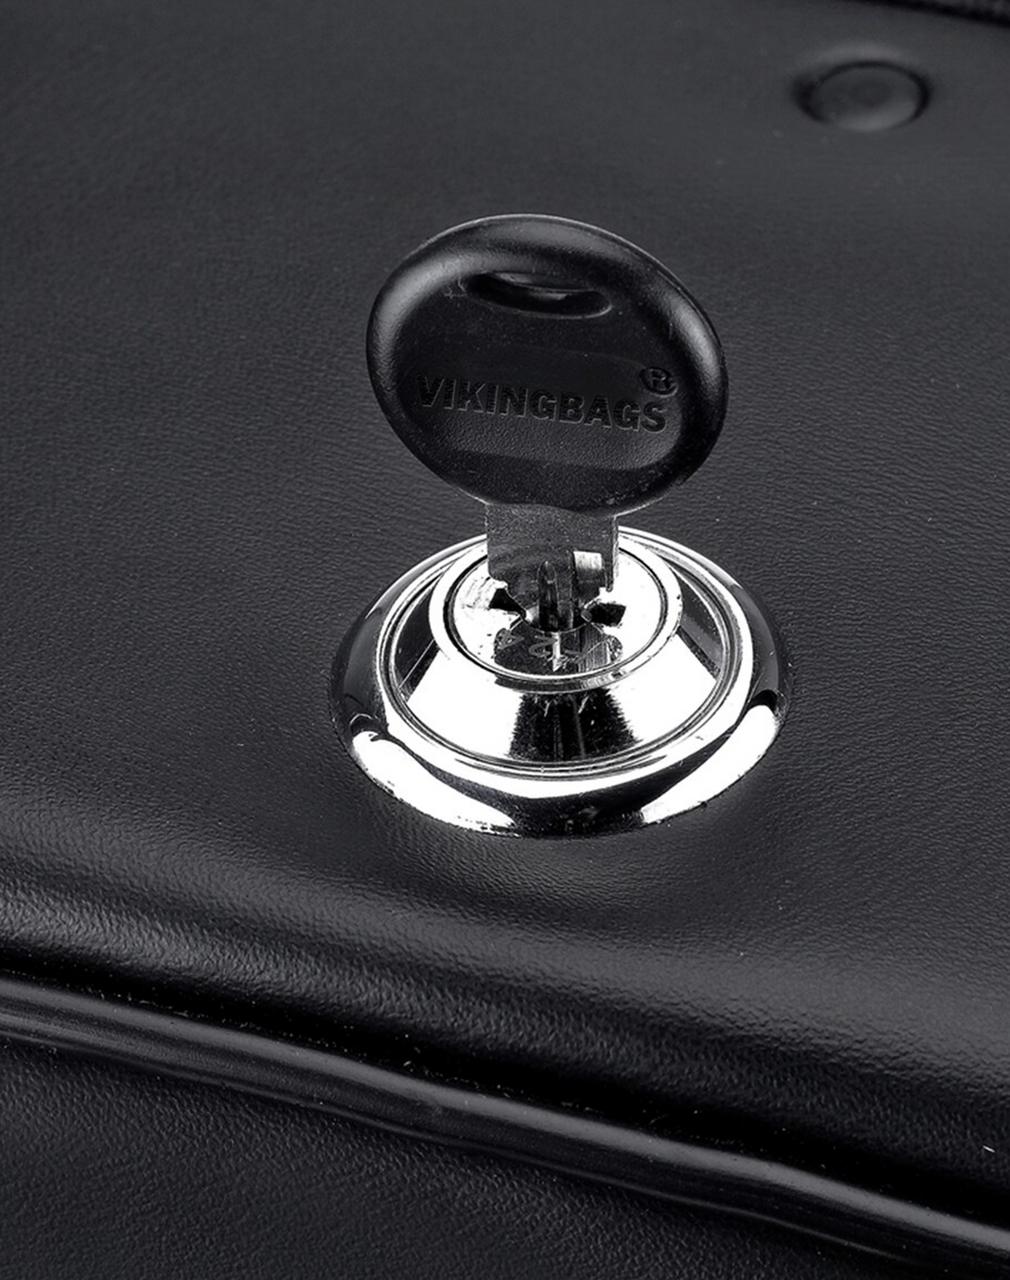 Suzuki Intruder 1500 VL1500 Charger Single Strap Large Motorcycle Saddlebags Key Lock View